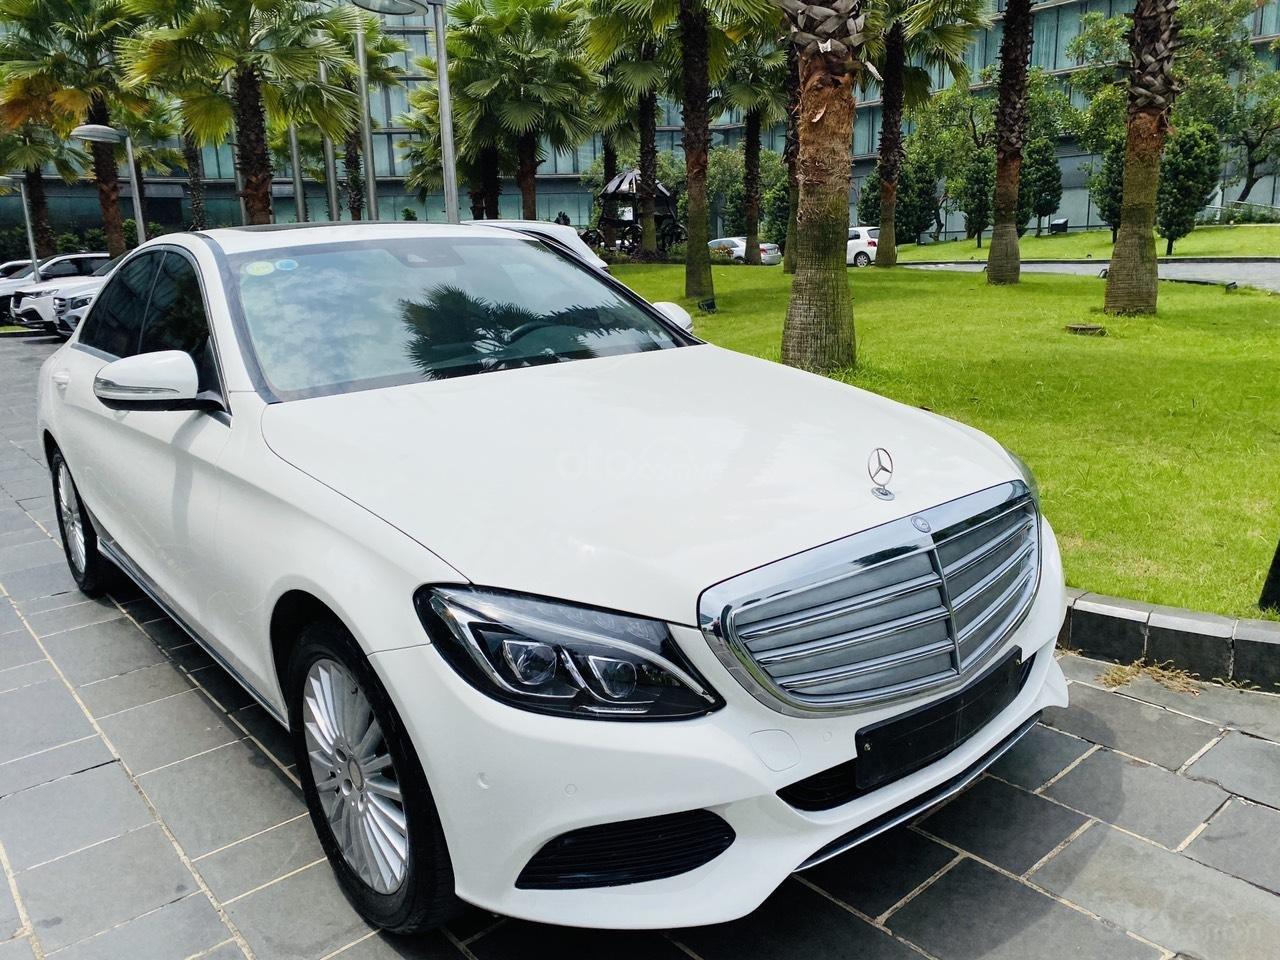 Mercedes C250 SX 2015 model 2016 màu trắng nội thất đen (7)